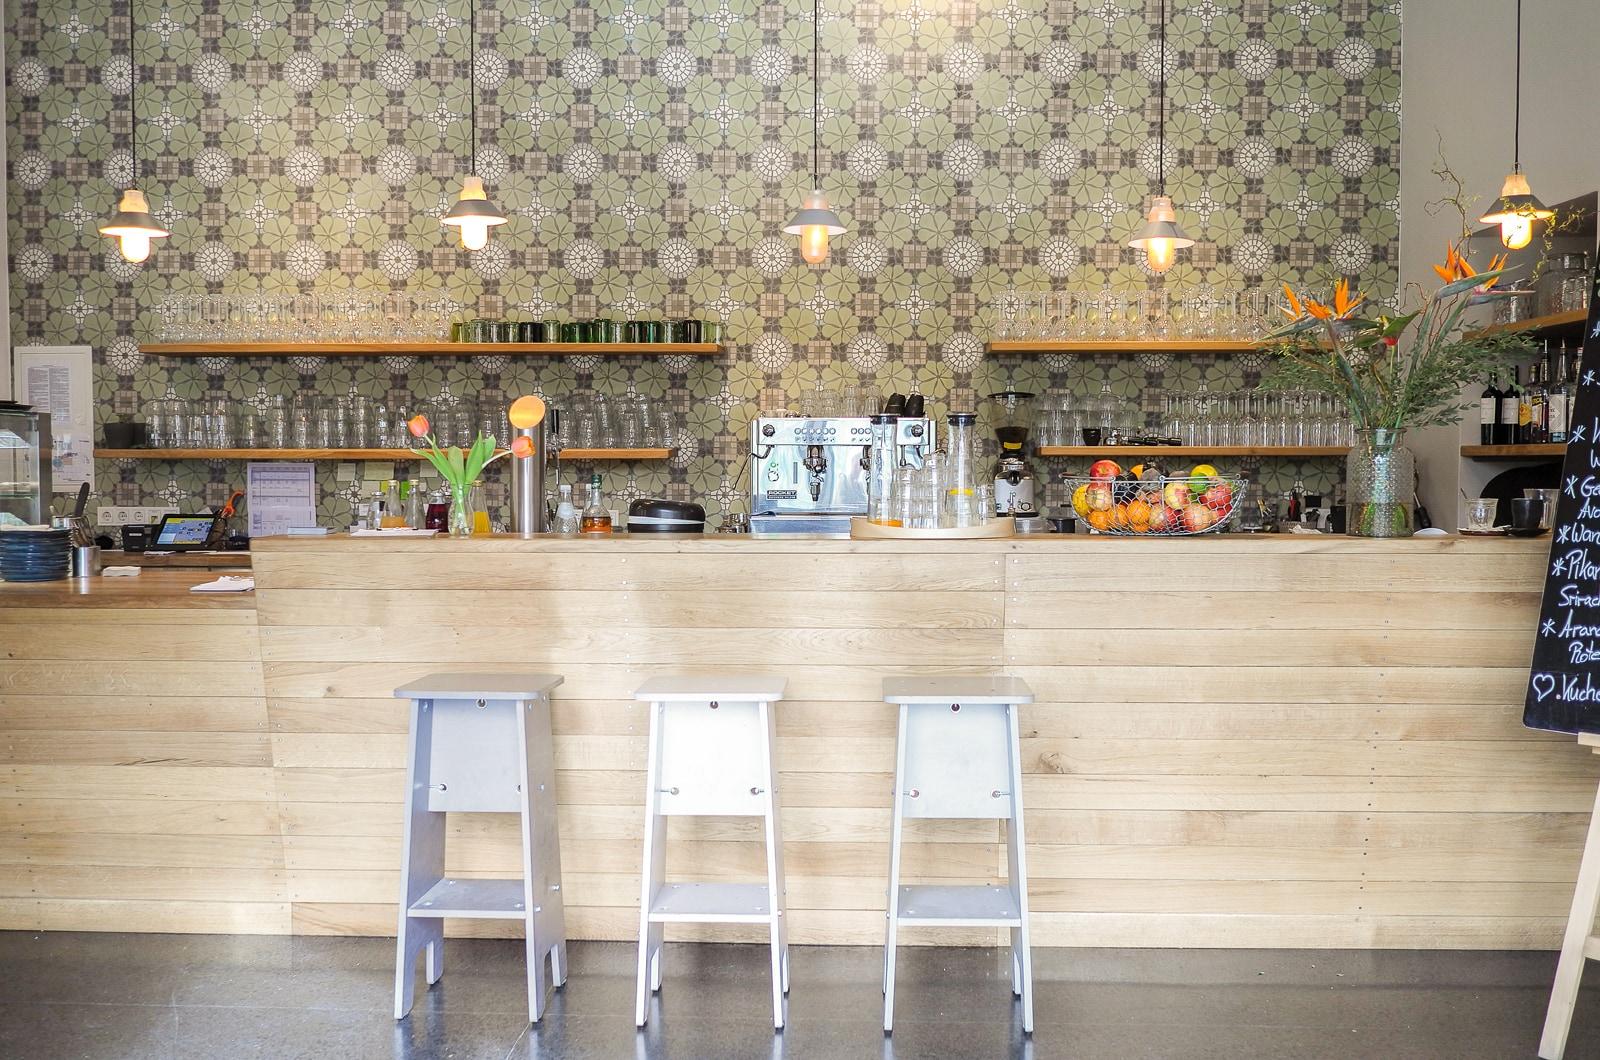 VIA_Platten-nummer-12254-Mars Küche und Bar-01 | 12254